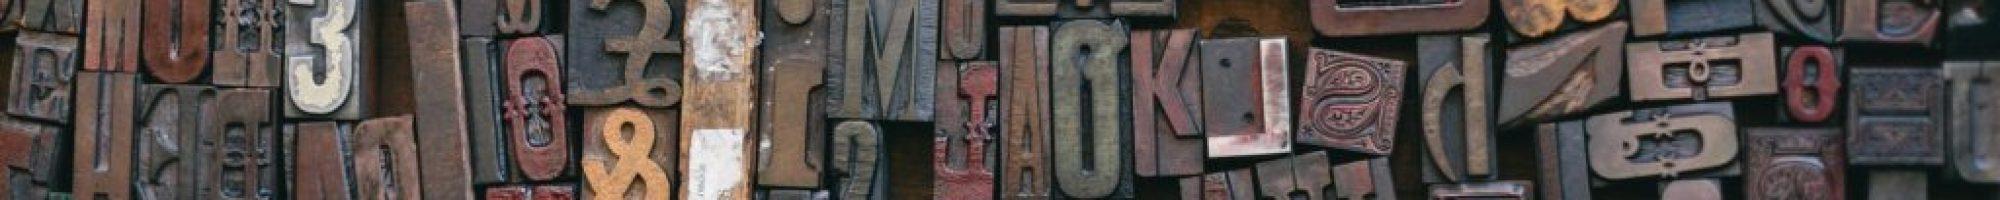 woodtype-846089_1920-1024x682